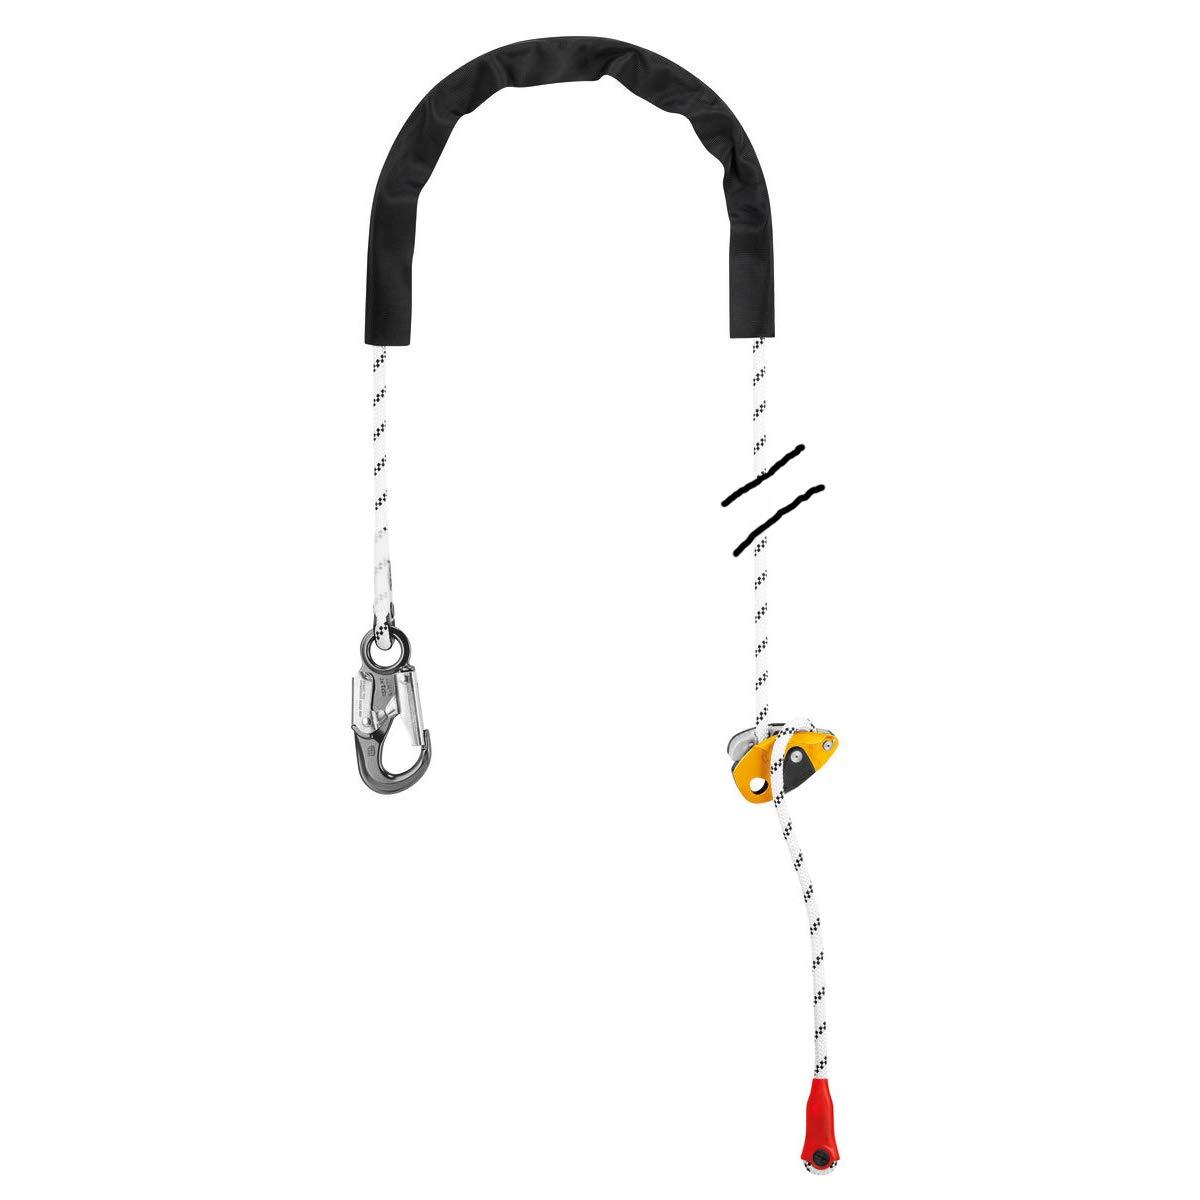 PETZL GRILLON Hook 4 Meter Work Positioning Lanyard ANSI